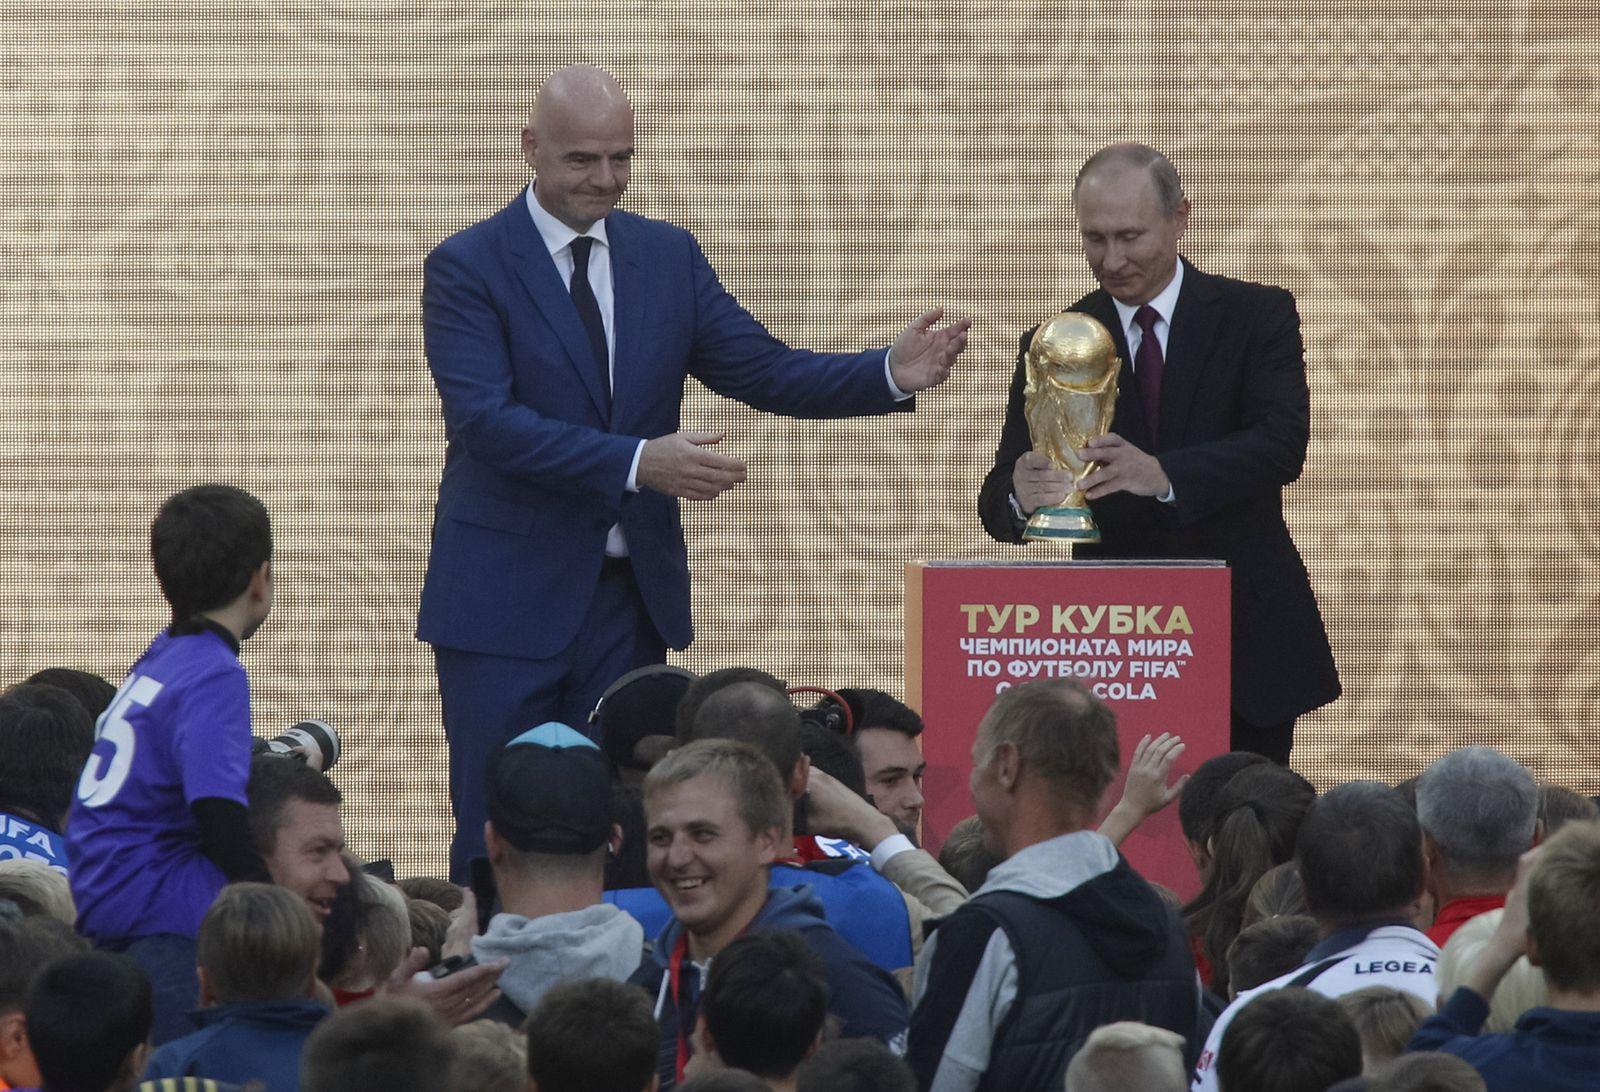 WM18/ Putin/ Sport/ FIFA